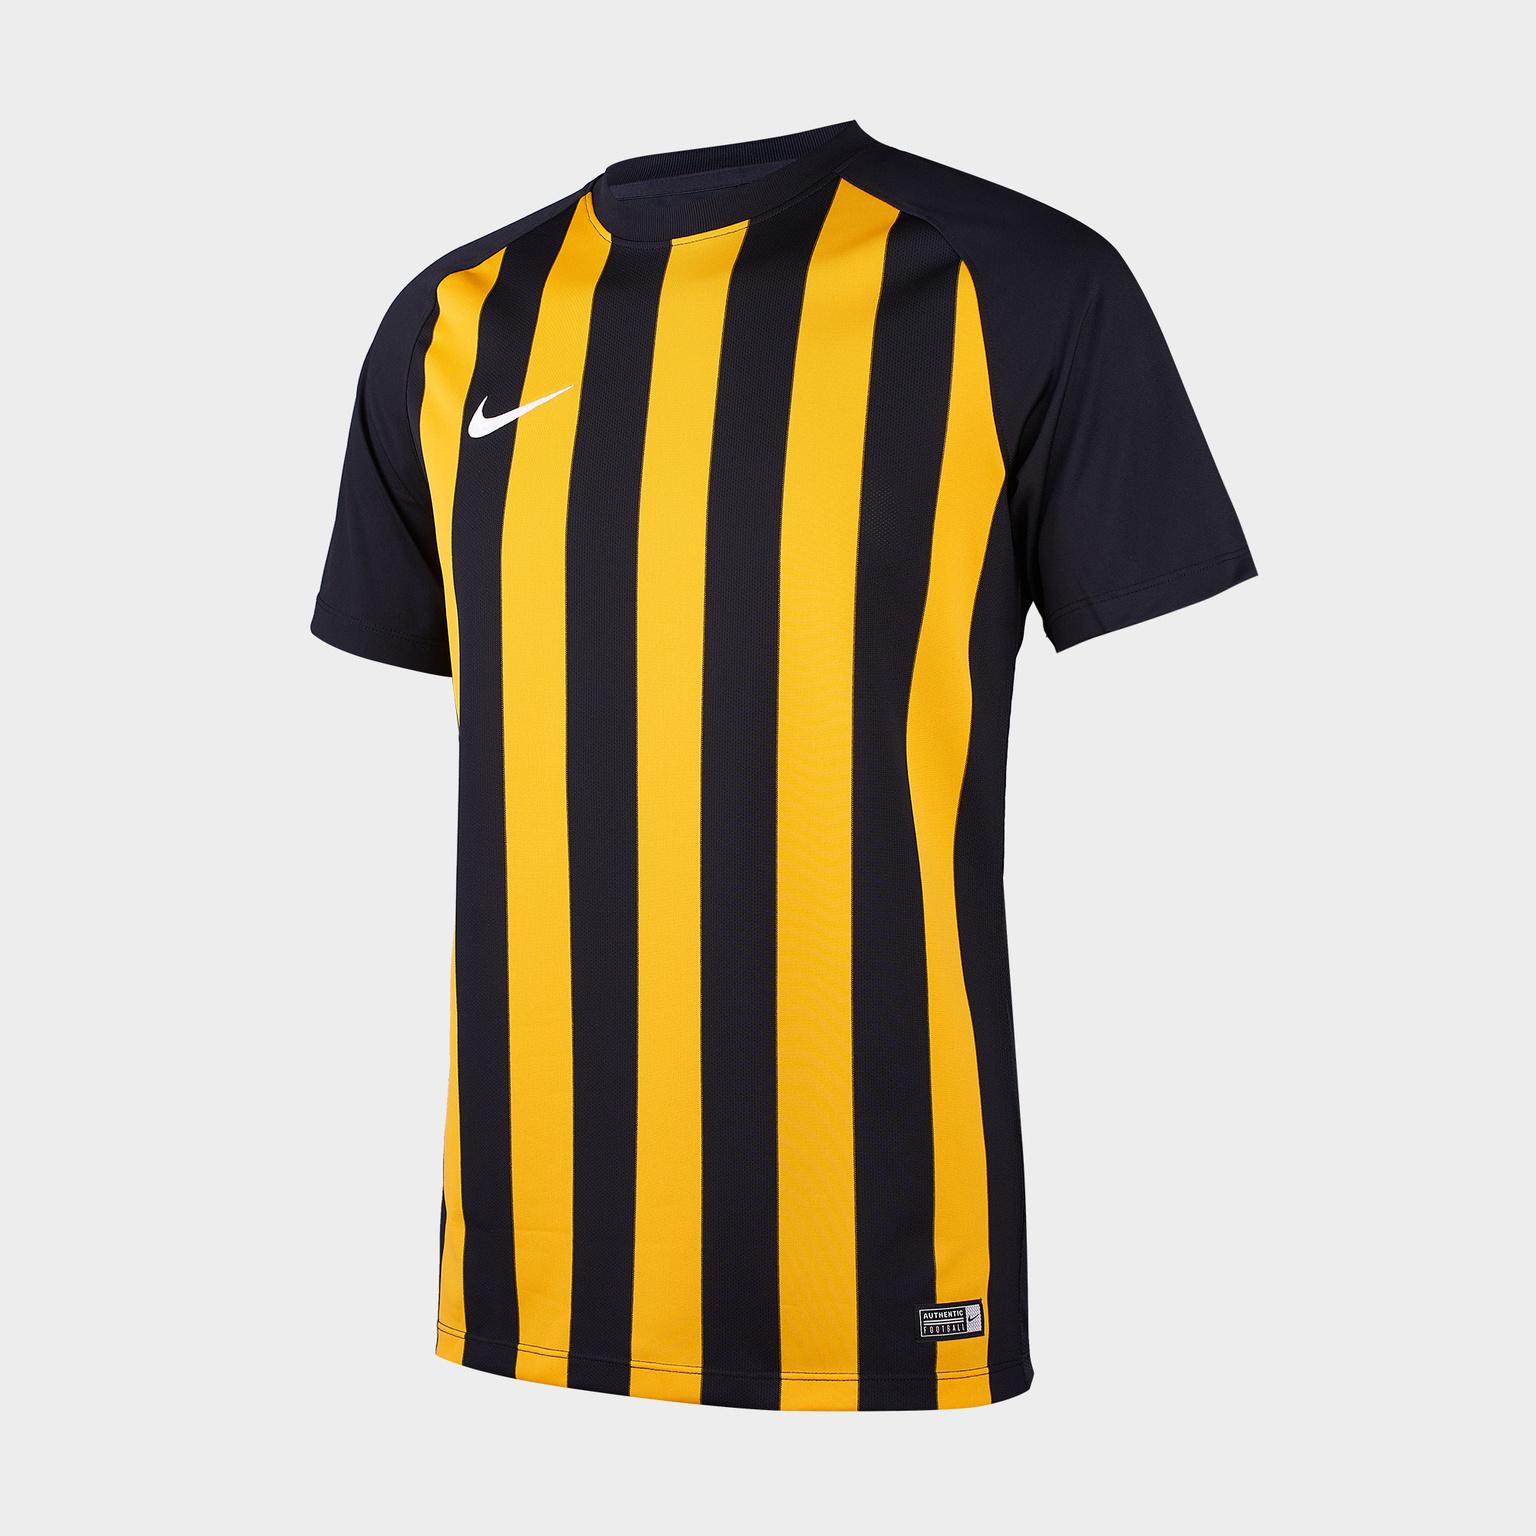 Футболка игровая Nike SS Striped Segment III JSY 832976-010 футболки nike футболка игровая nike ss revolution iv jsy 833017 010